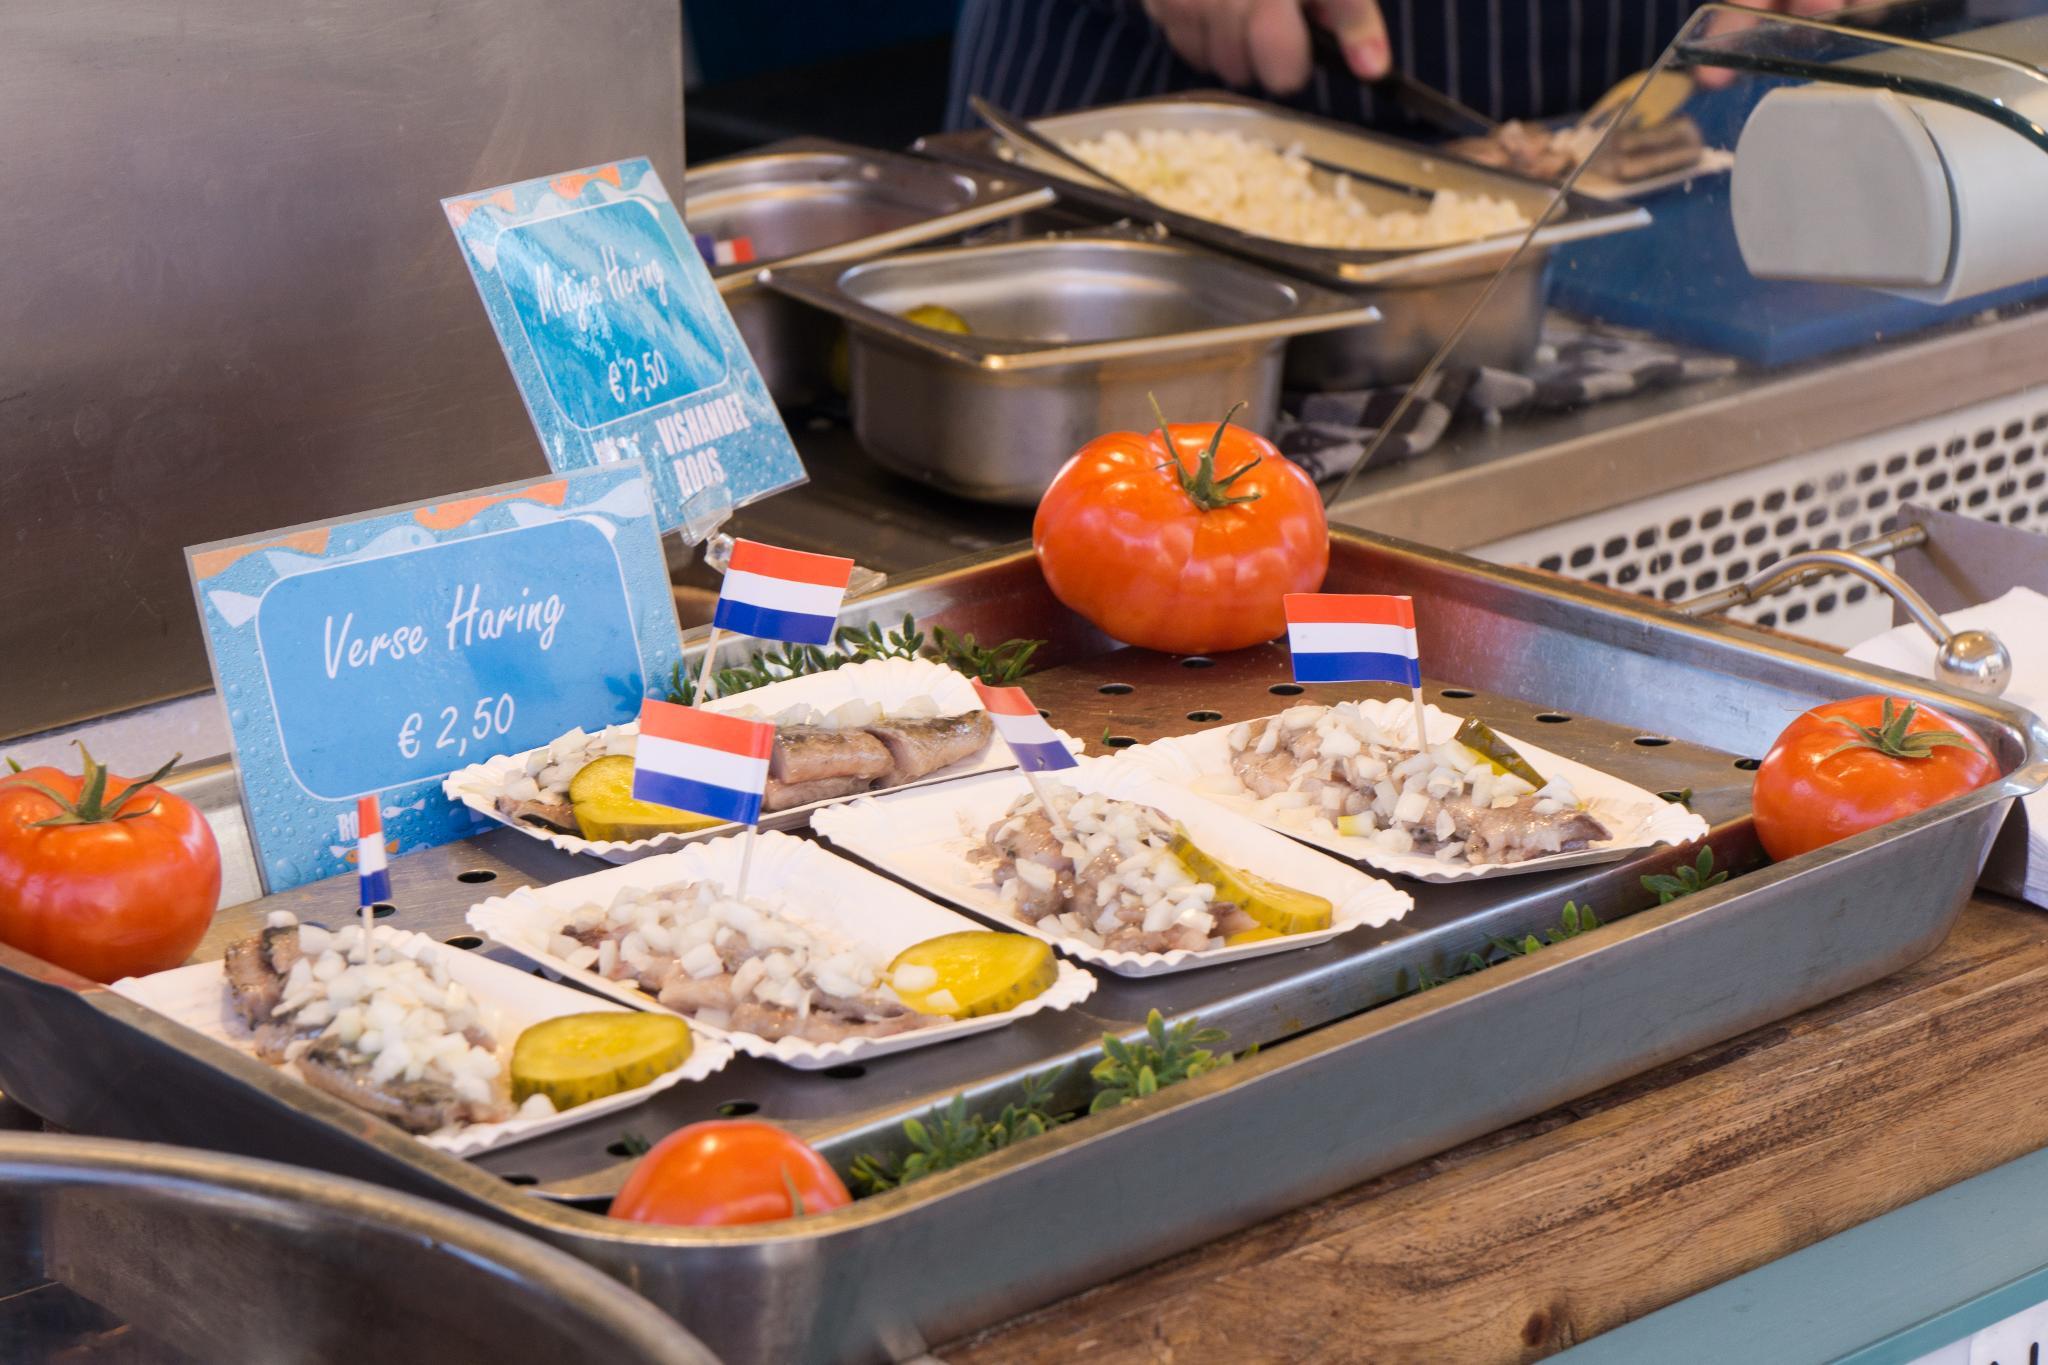 【荷蘭印象】體驗道地的荷式風情 — Alkmaar 起司市集 散步路線整理 28